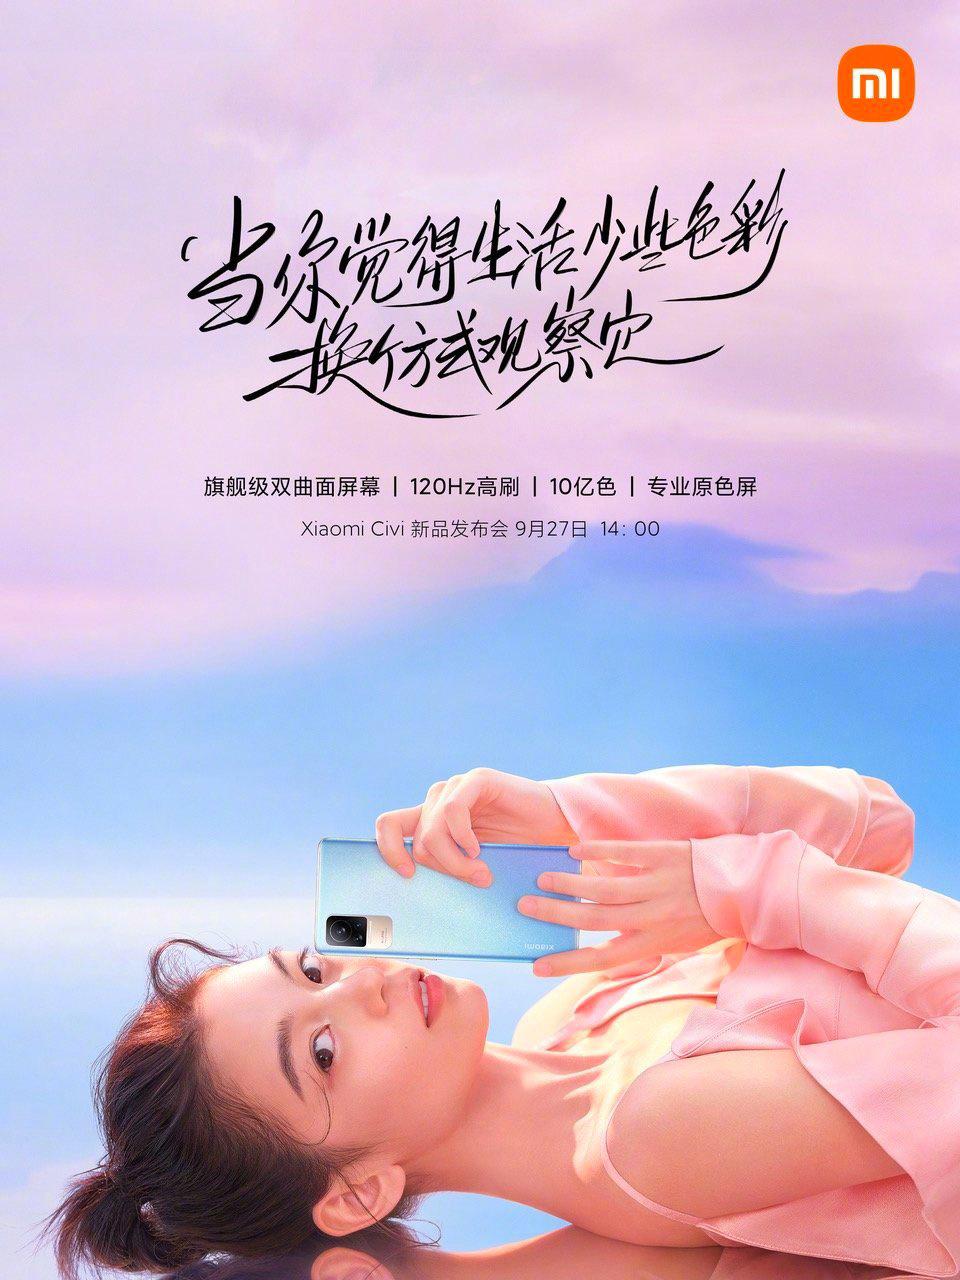 小米 Civi 预热:10 亿色双曲面专业 AMOLED 屏